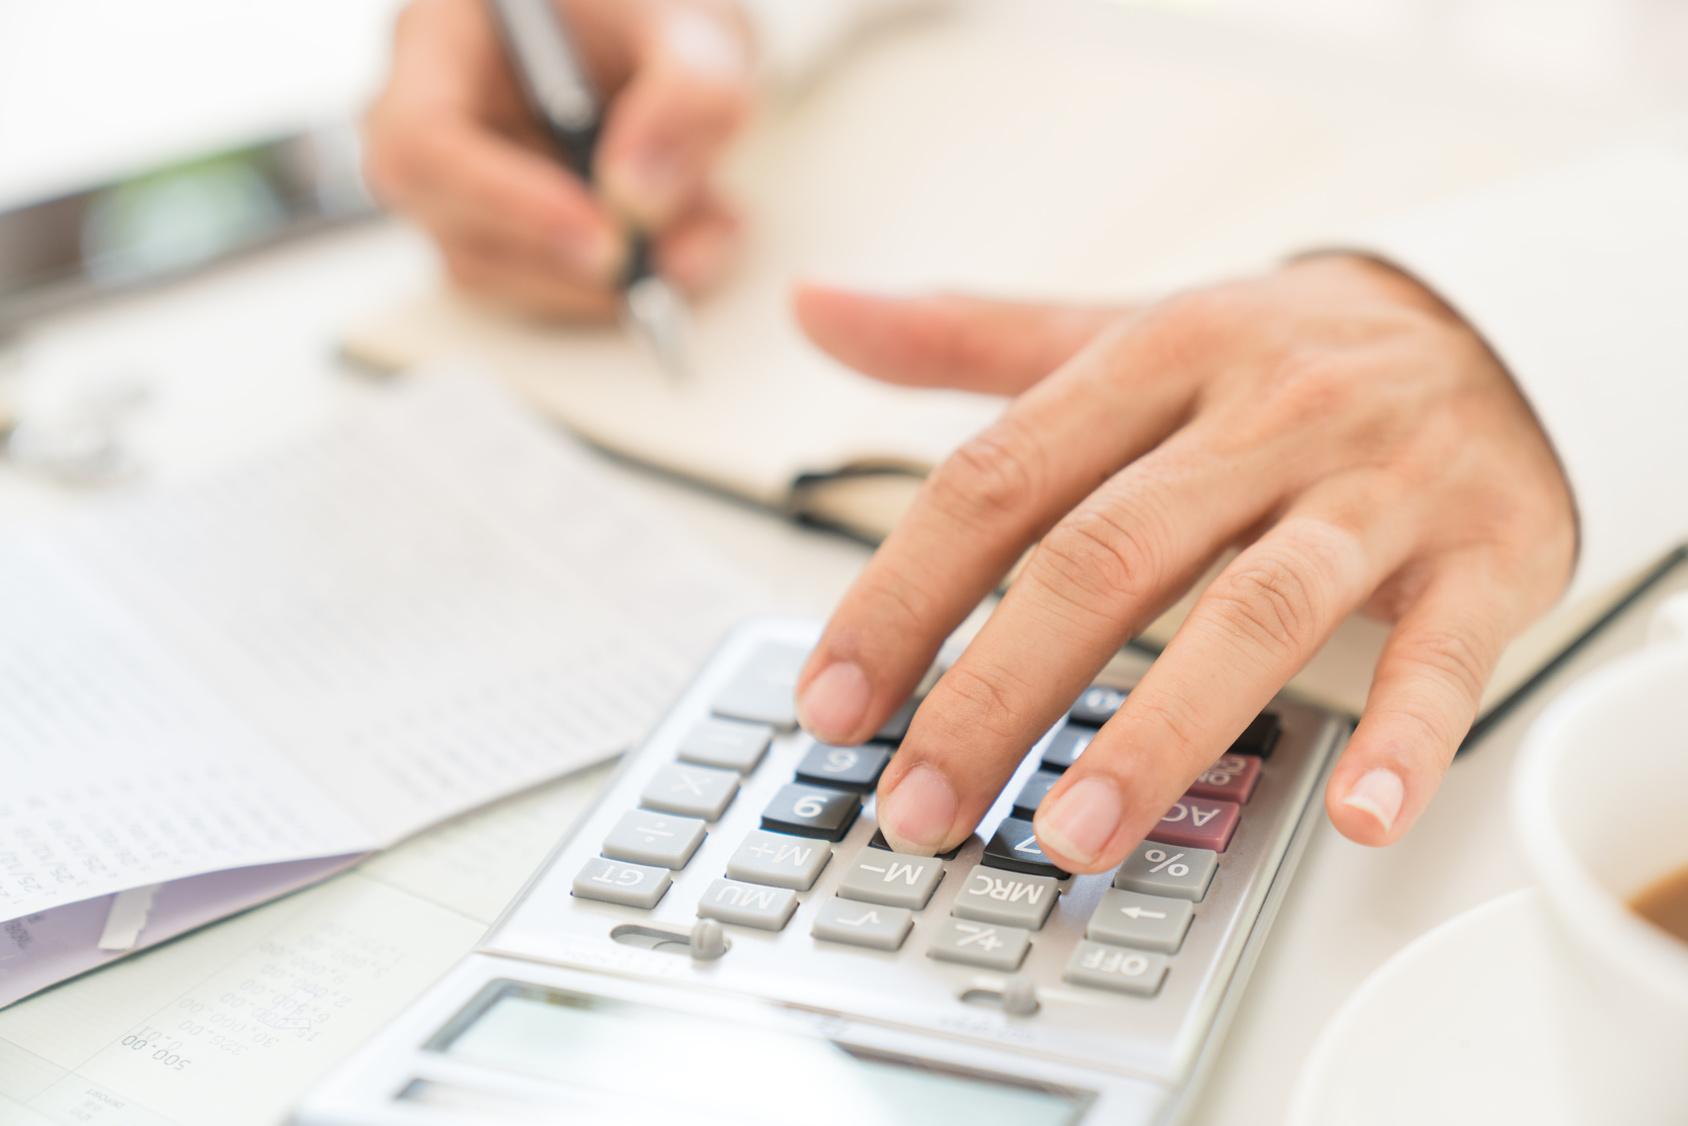 Обратная связь: что интересовало потребителей финансовых услуг в июне